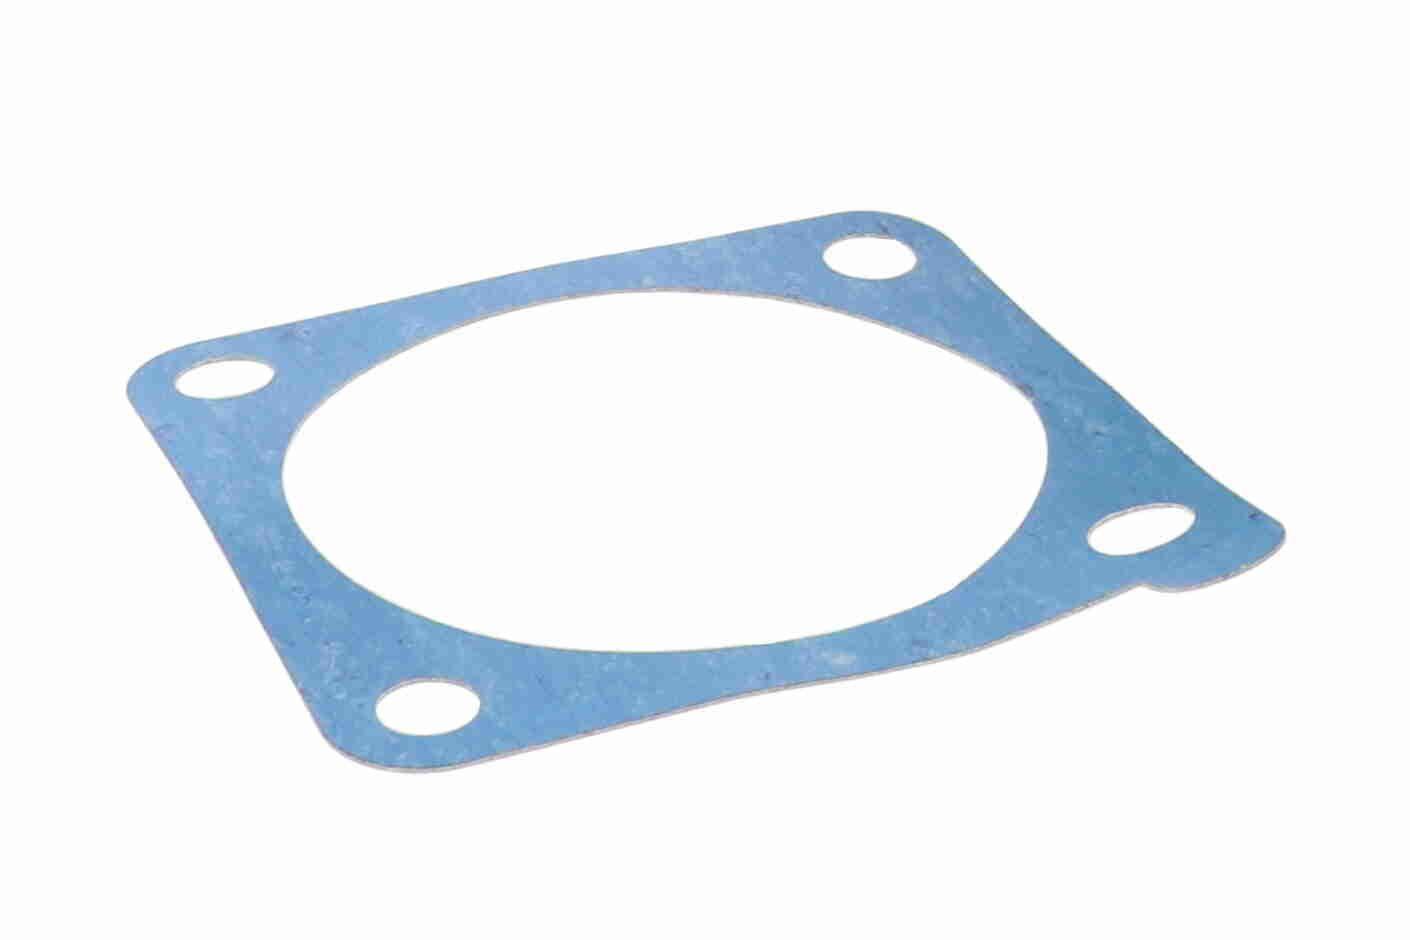 Spinterogeno A51-70-0024 ACKOJA A51-70-0024 di qualità originale